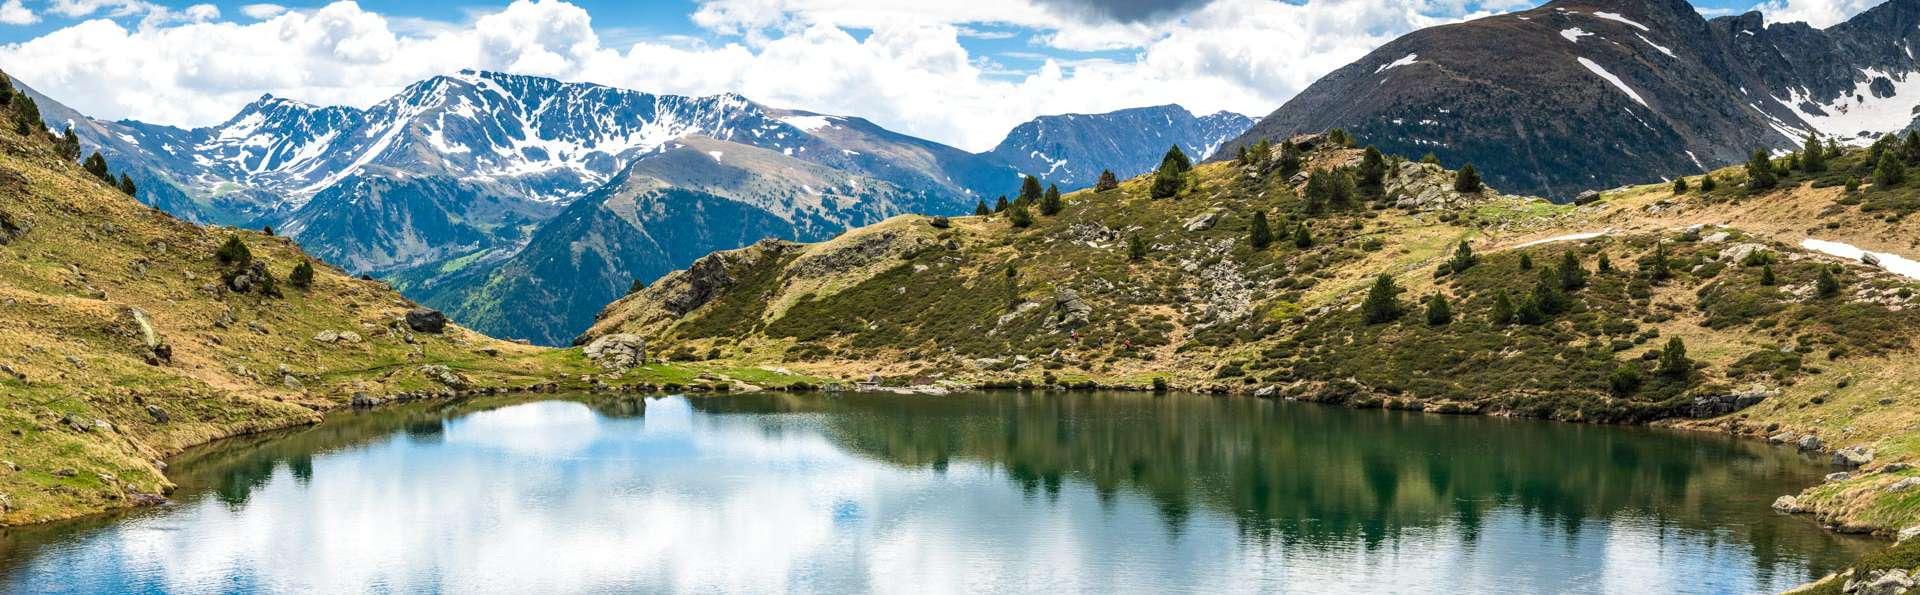 Respirez l'air pur de la montagne en Andorre